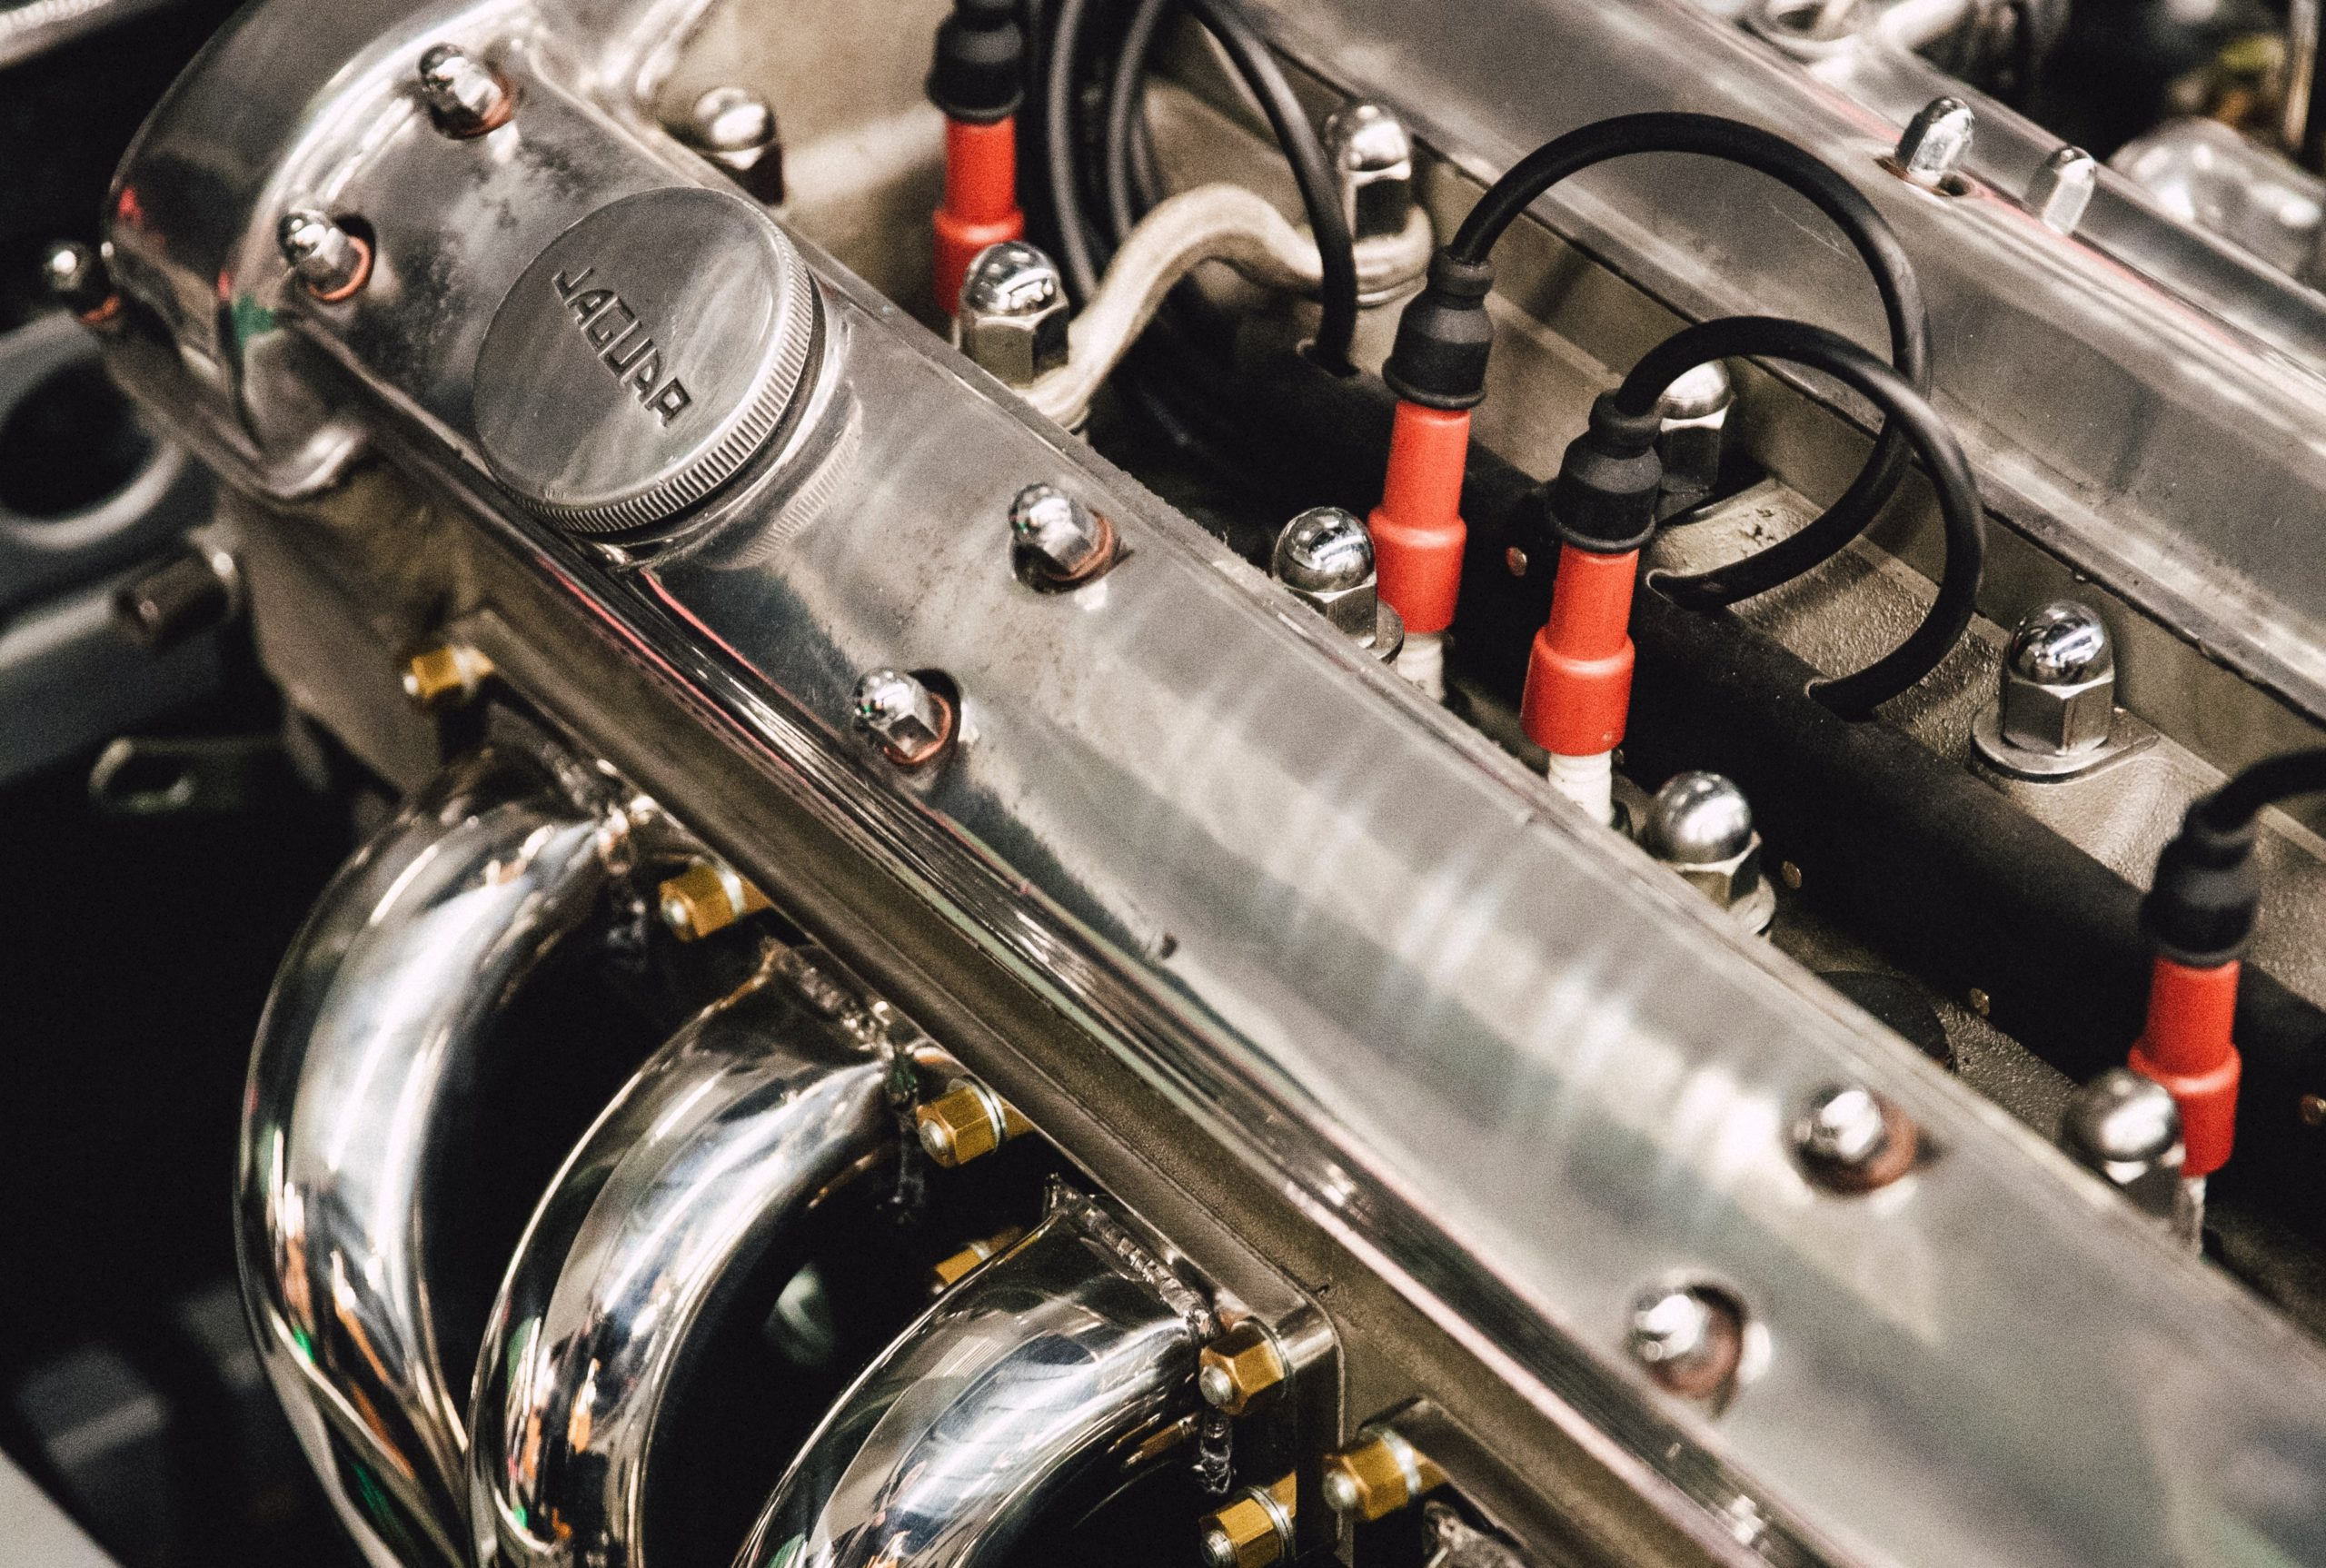 Imagem para ilustrar o texto sobre motor 1.0 e 1.6